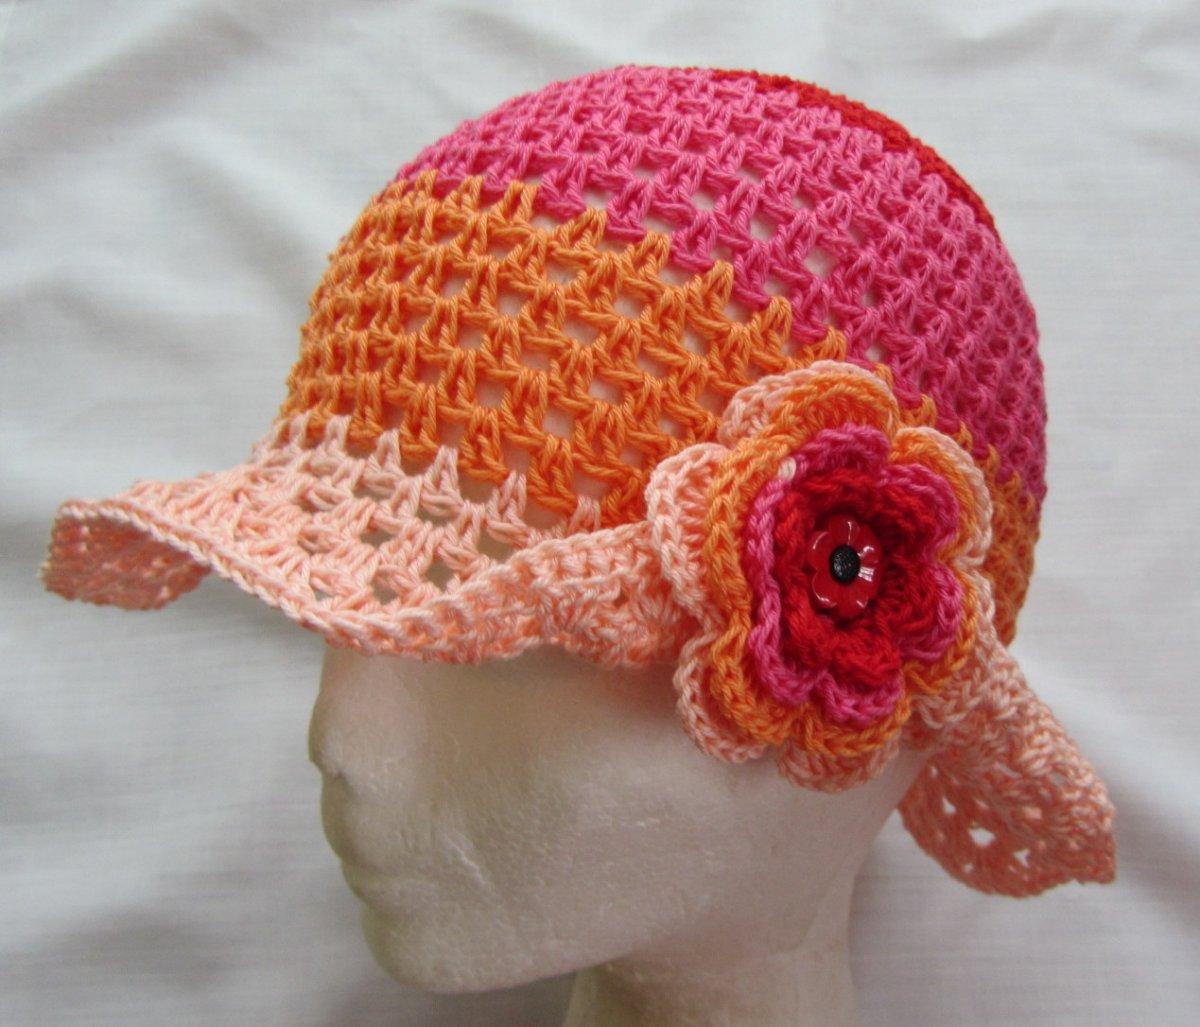 394a08dc848 Háčkovaný klobouček – Potvor - pomáhat tvořit